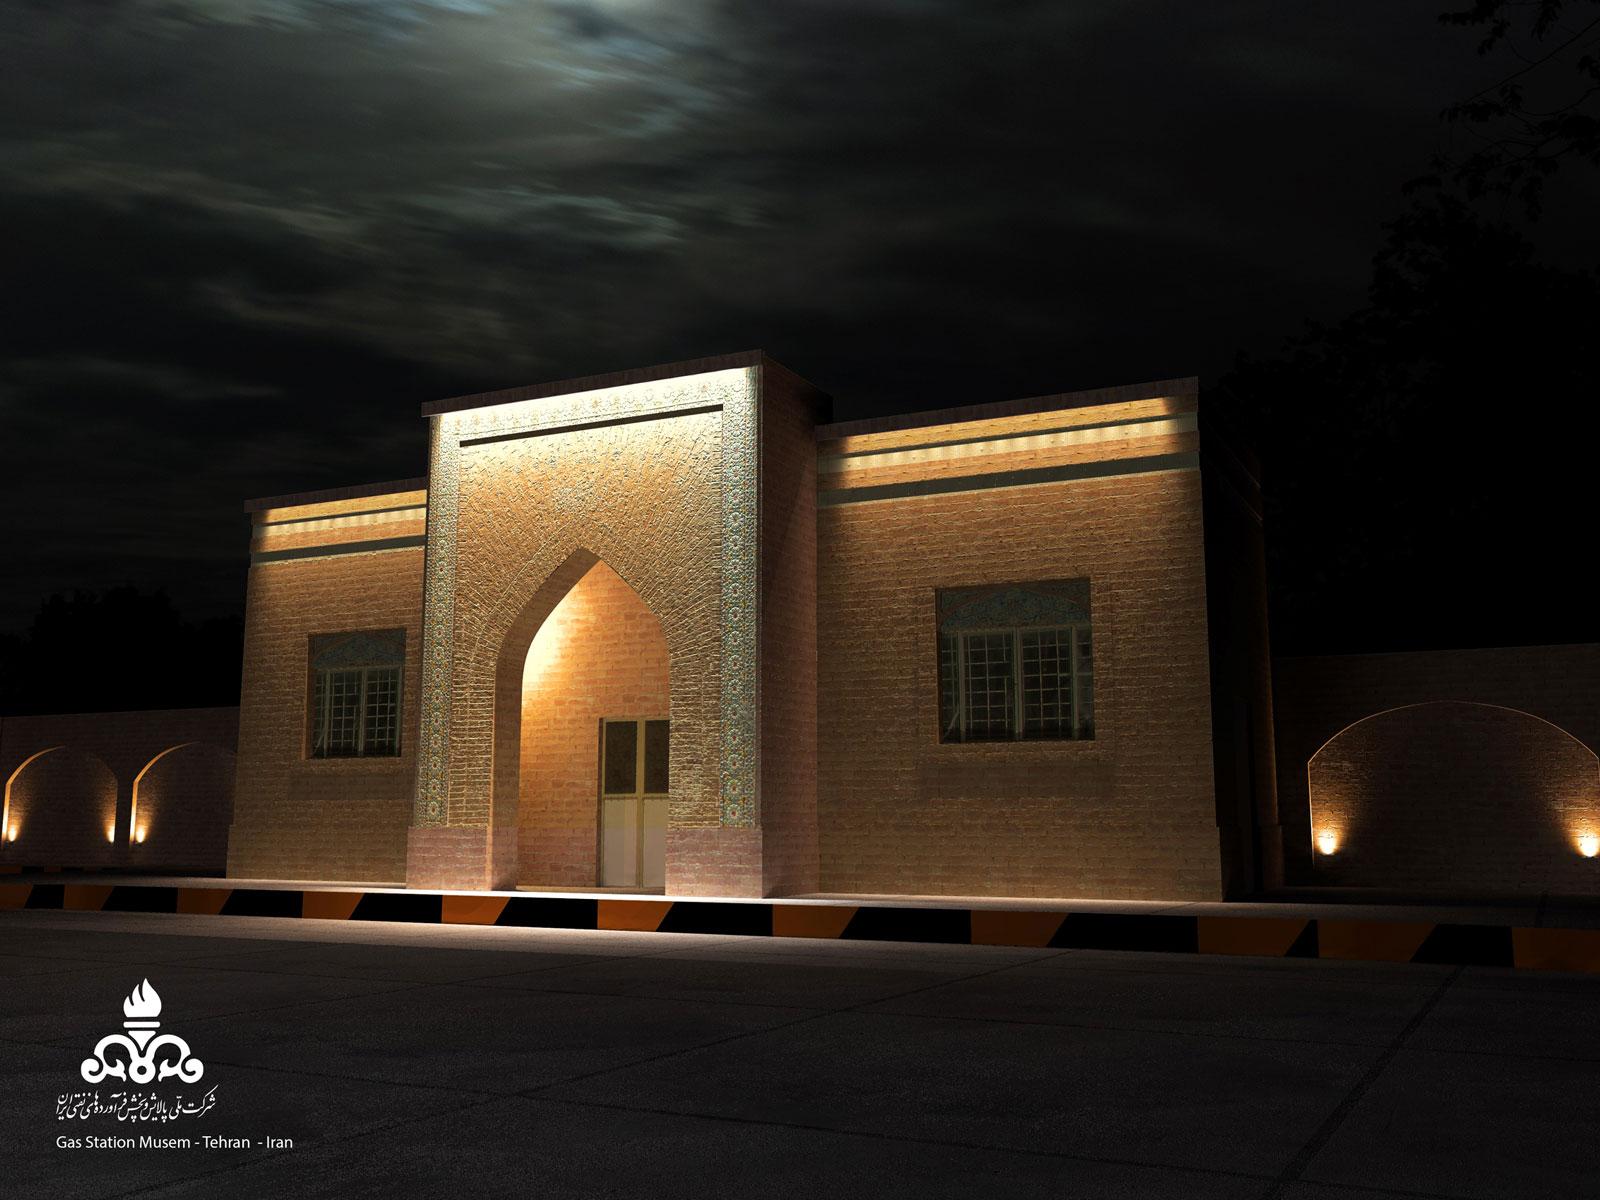 موزه ی پمپ بنزین   نورپردازی موزه   نور و معماری